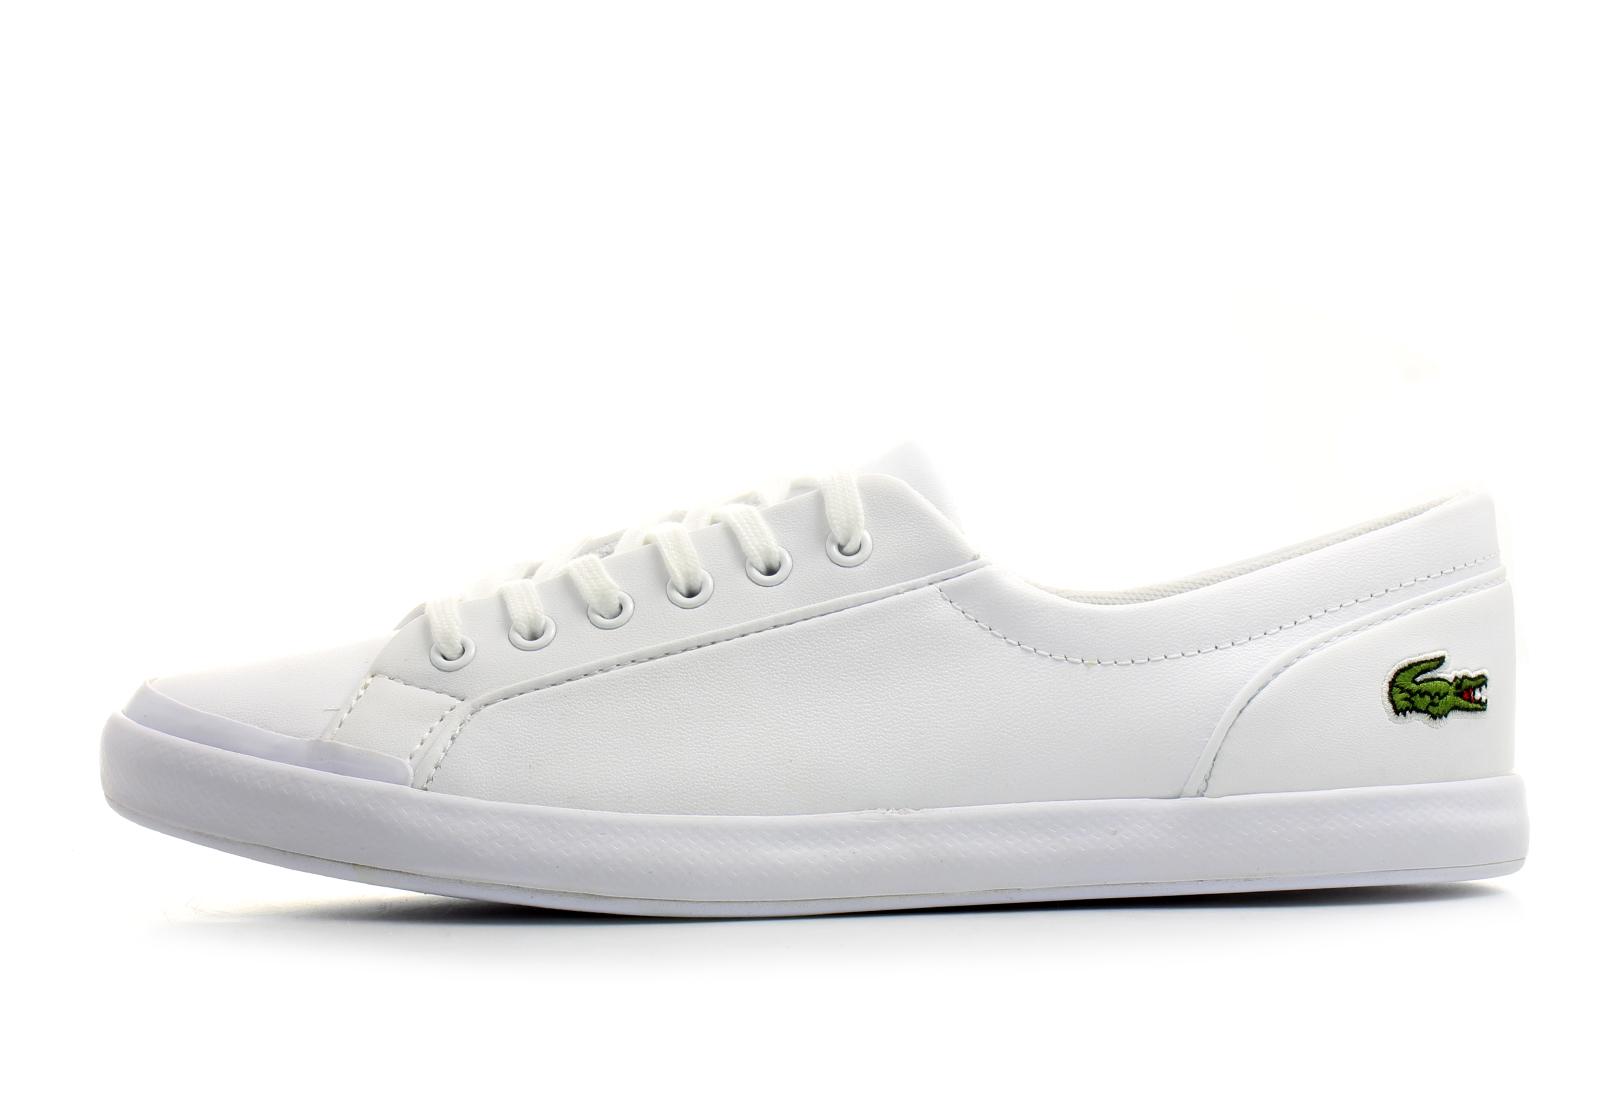 Lacoste Cipő - Lancelle Bl 1 - 171spw0135-001 - Office Shoes ... 0413b9df80